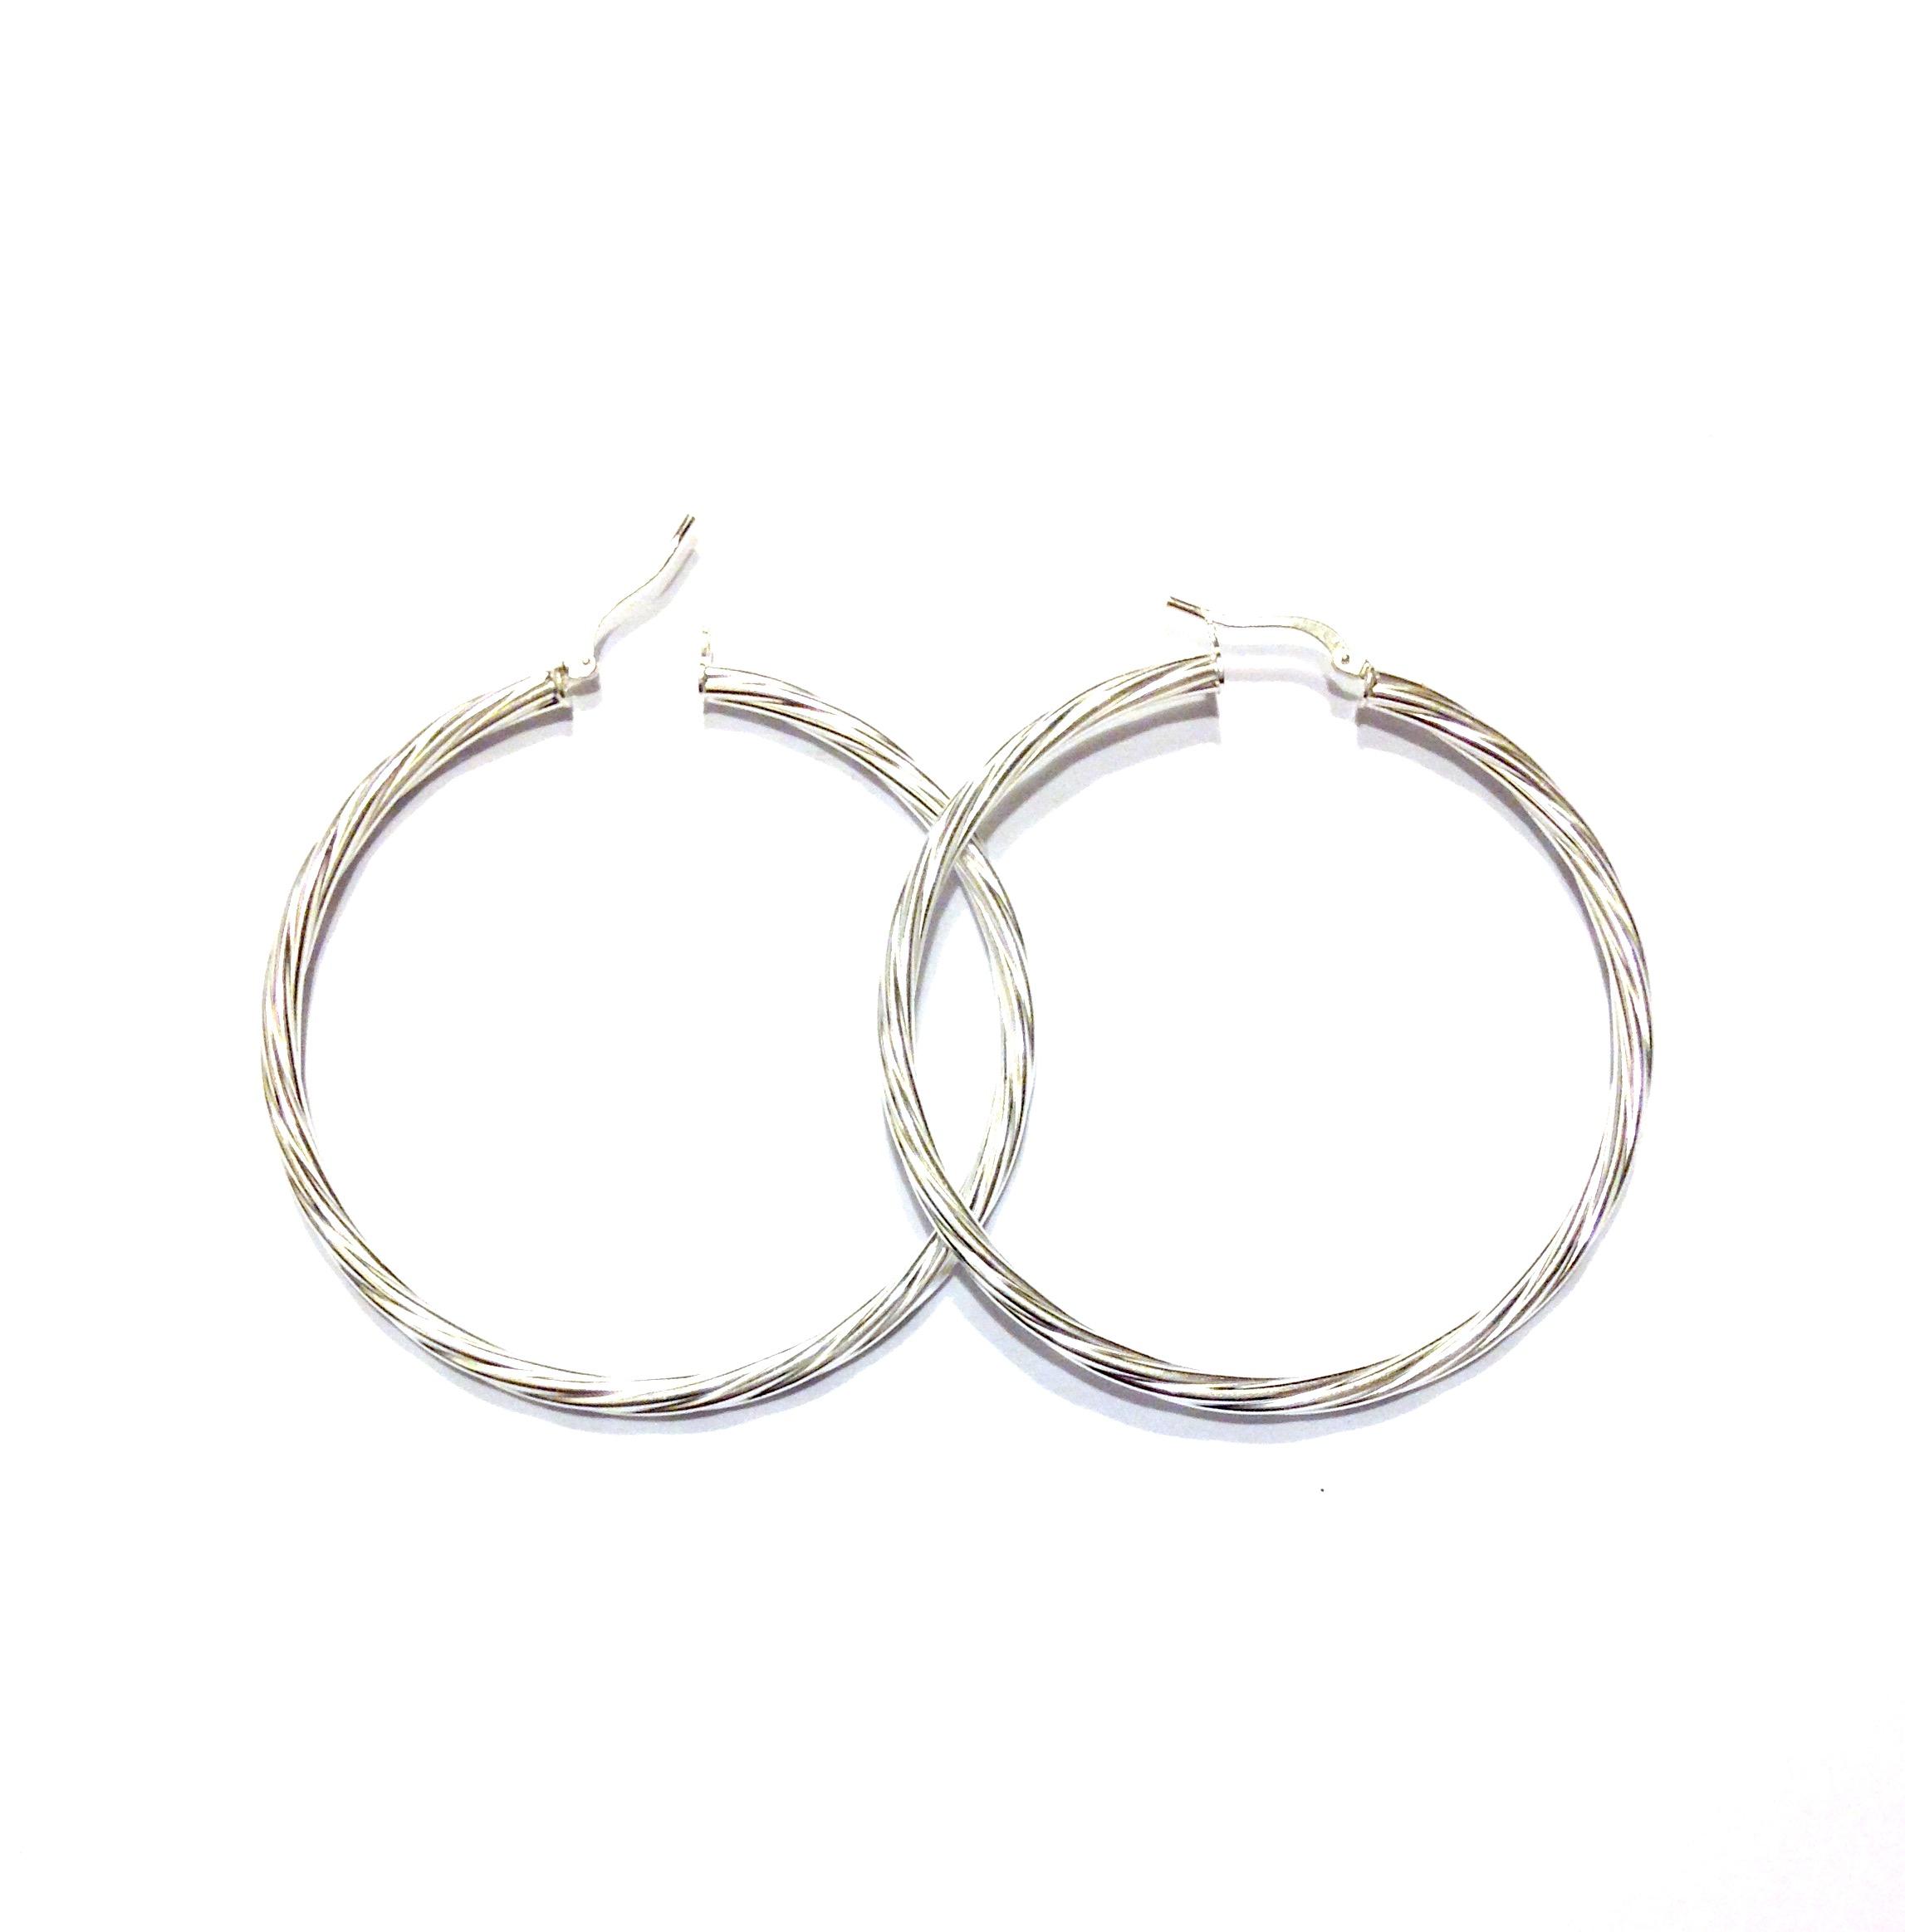 Boucles d oreilles Créoles torsadées en argent 50mm 6,6g 66fde1391d29